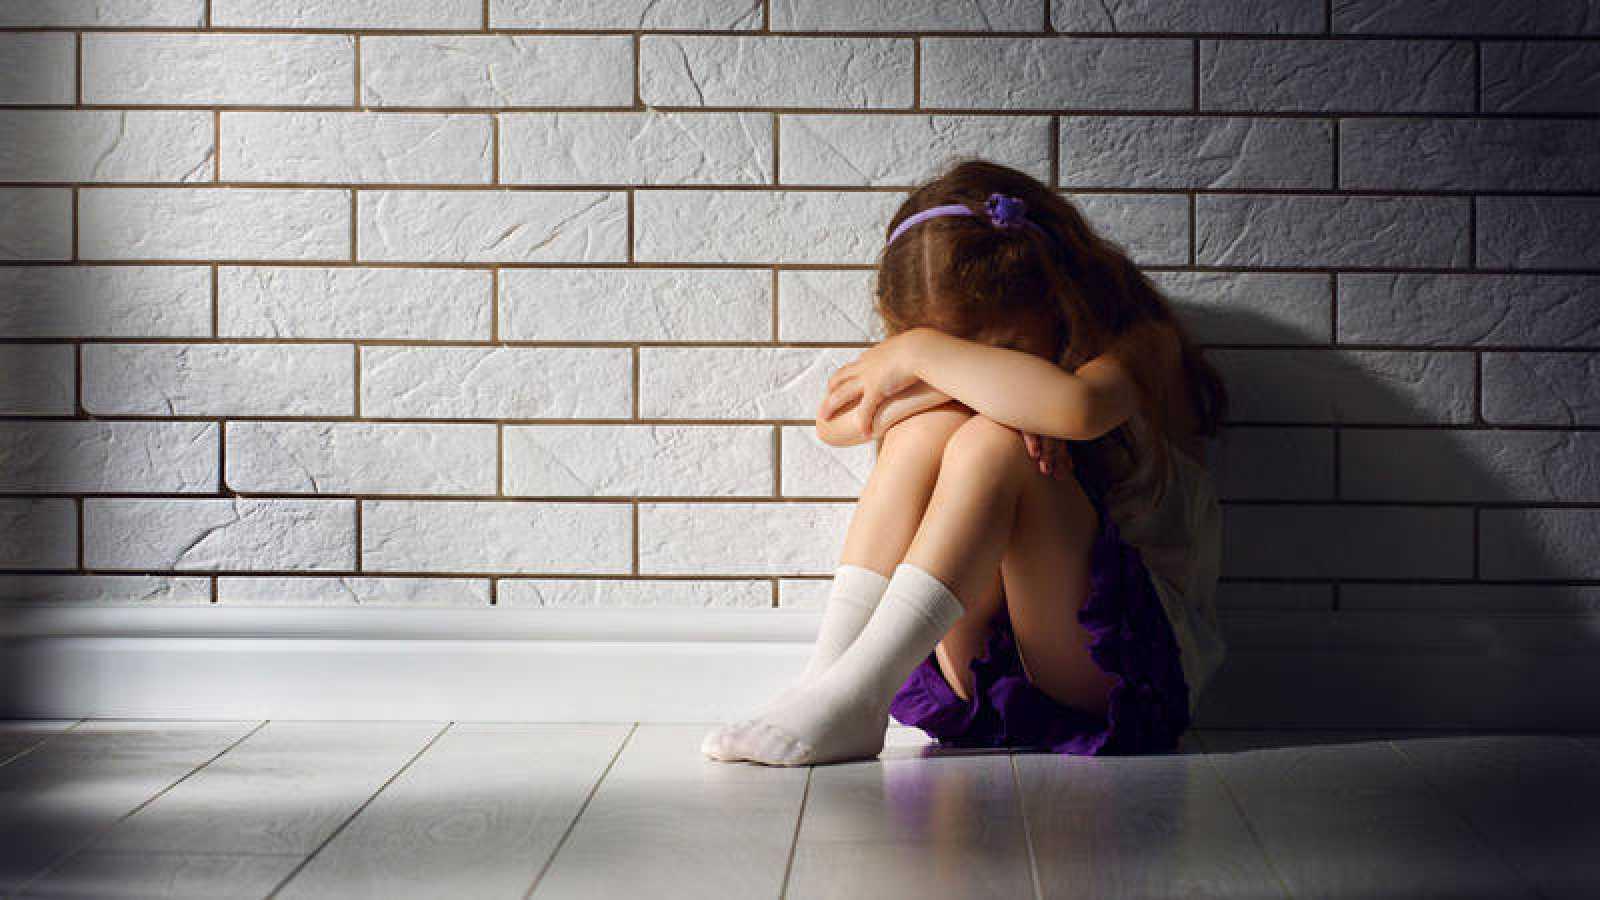 Según la Fundación Anar, las niñas son las principales víctimas, pues constituyen el 57,3% de los casos